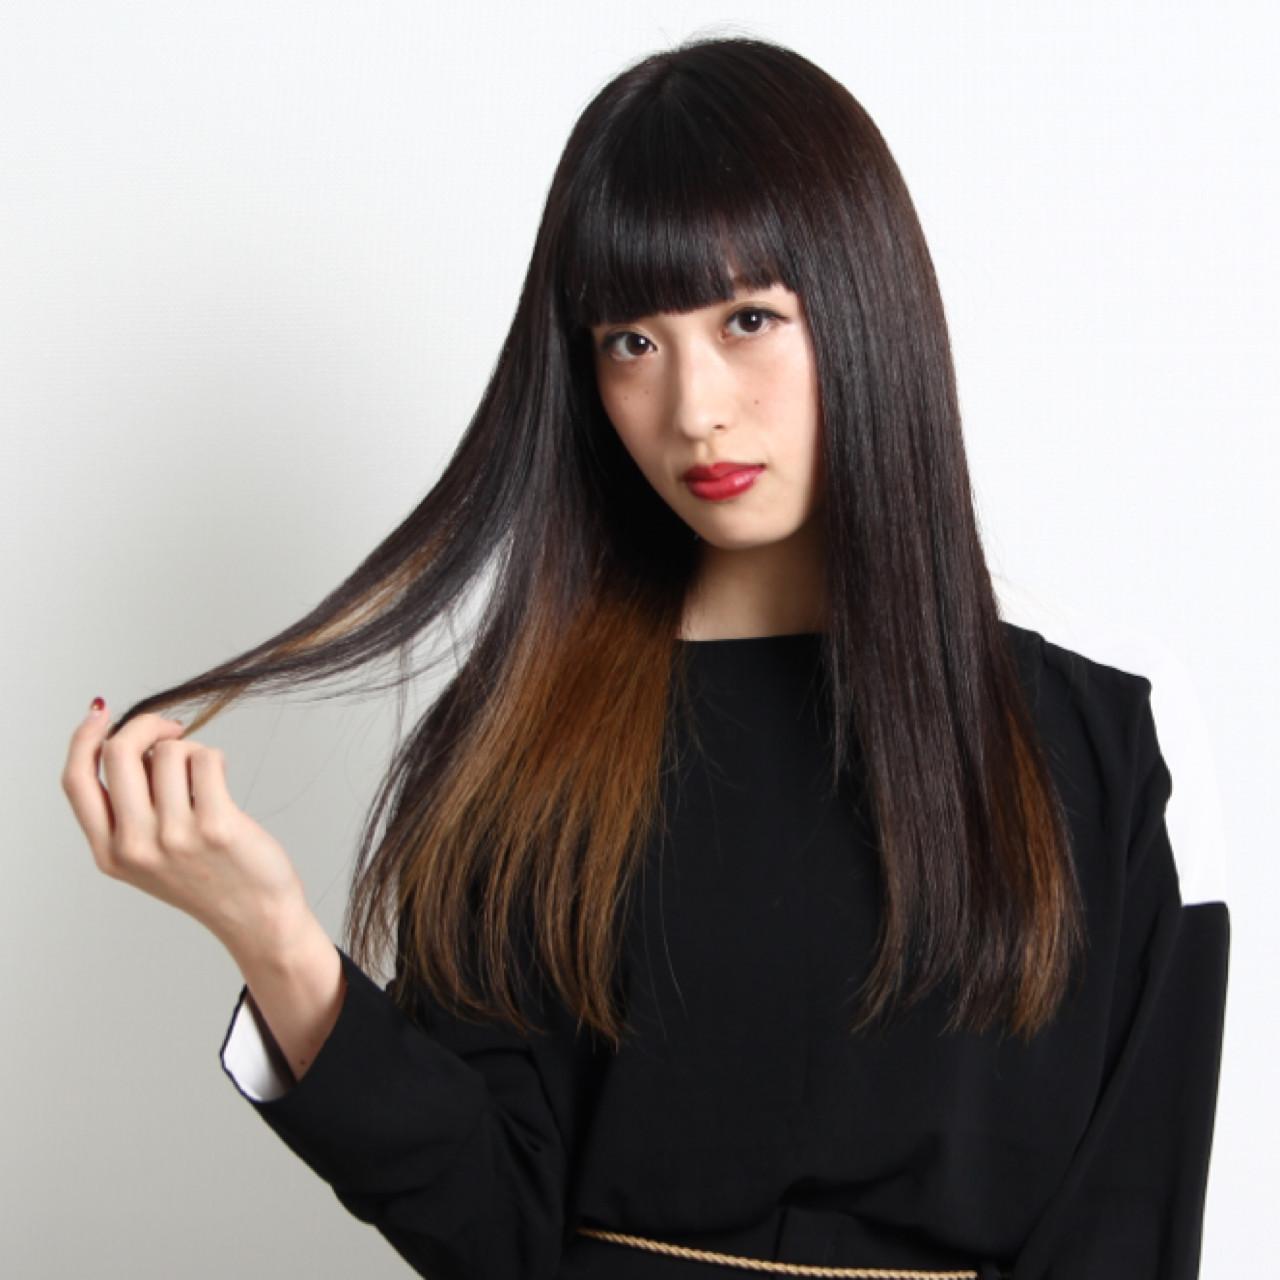 インナーカラー ロング ストレート 黒髪 ヘアスタイルや髪型の写真・画像